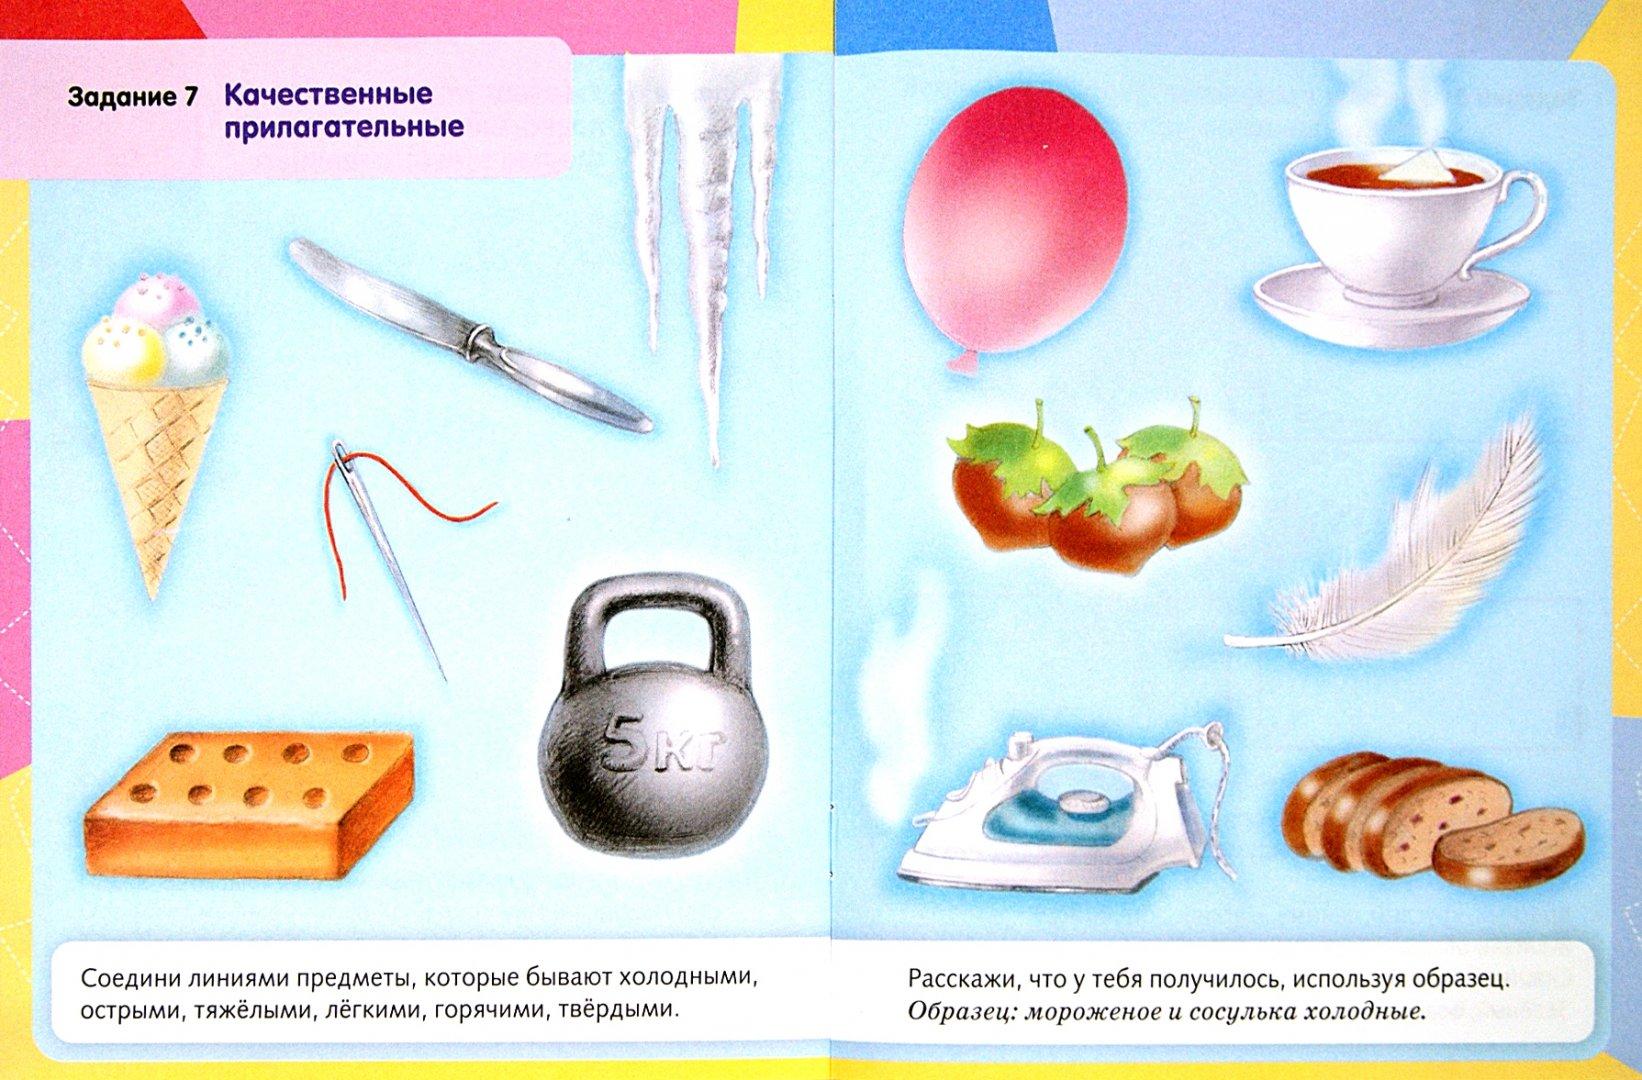 Иллюстрация 1 из 28 для Игры с прилагательными - Марина Кузьмина | Лабиринт - книги. Источник: Лабиринт